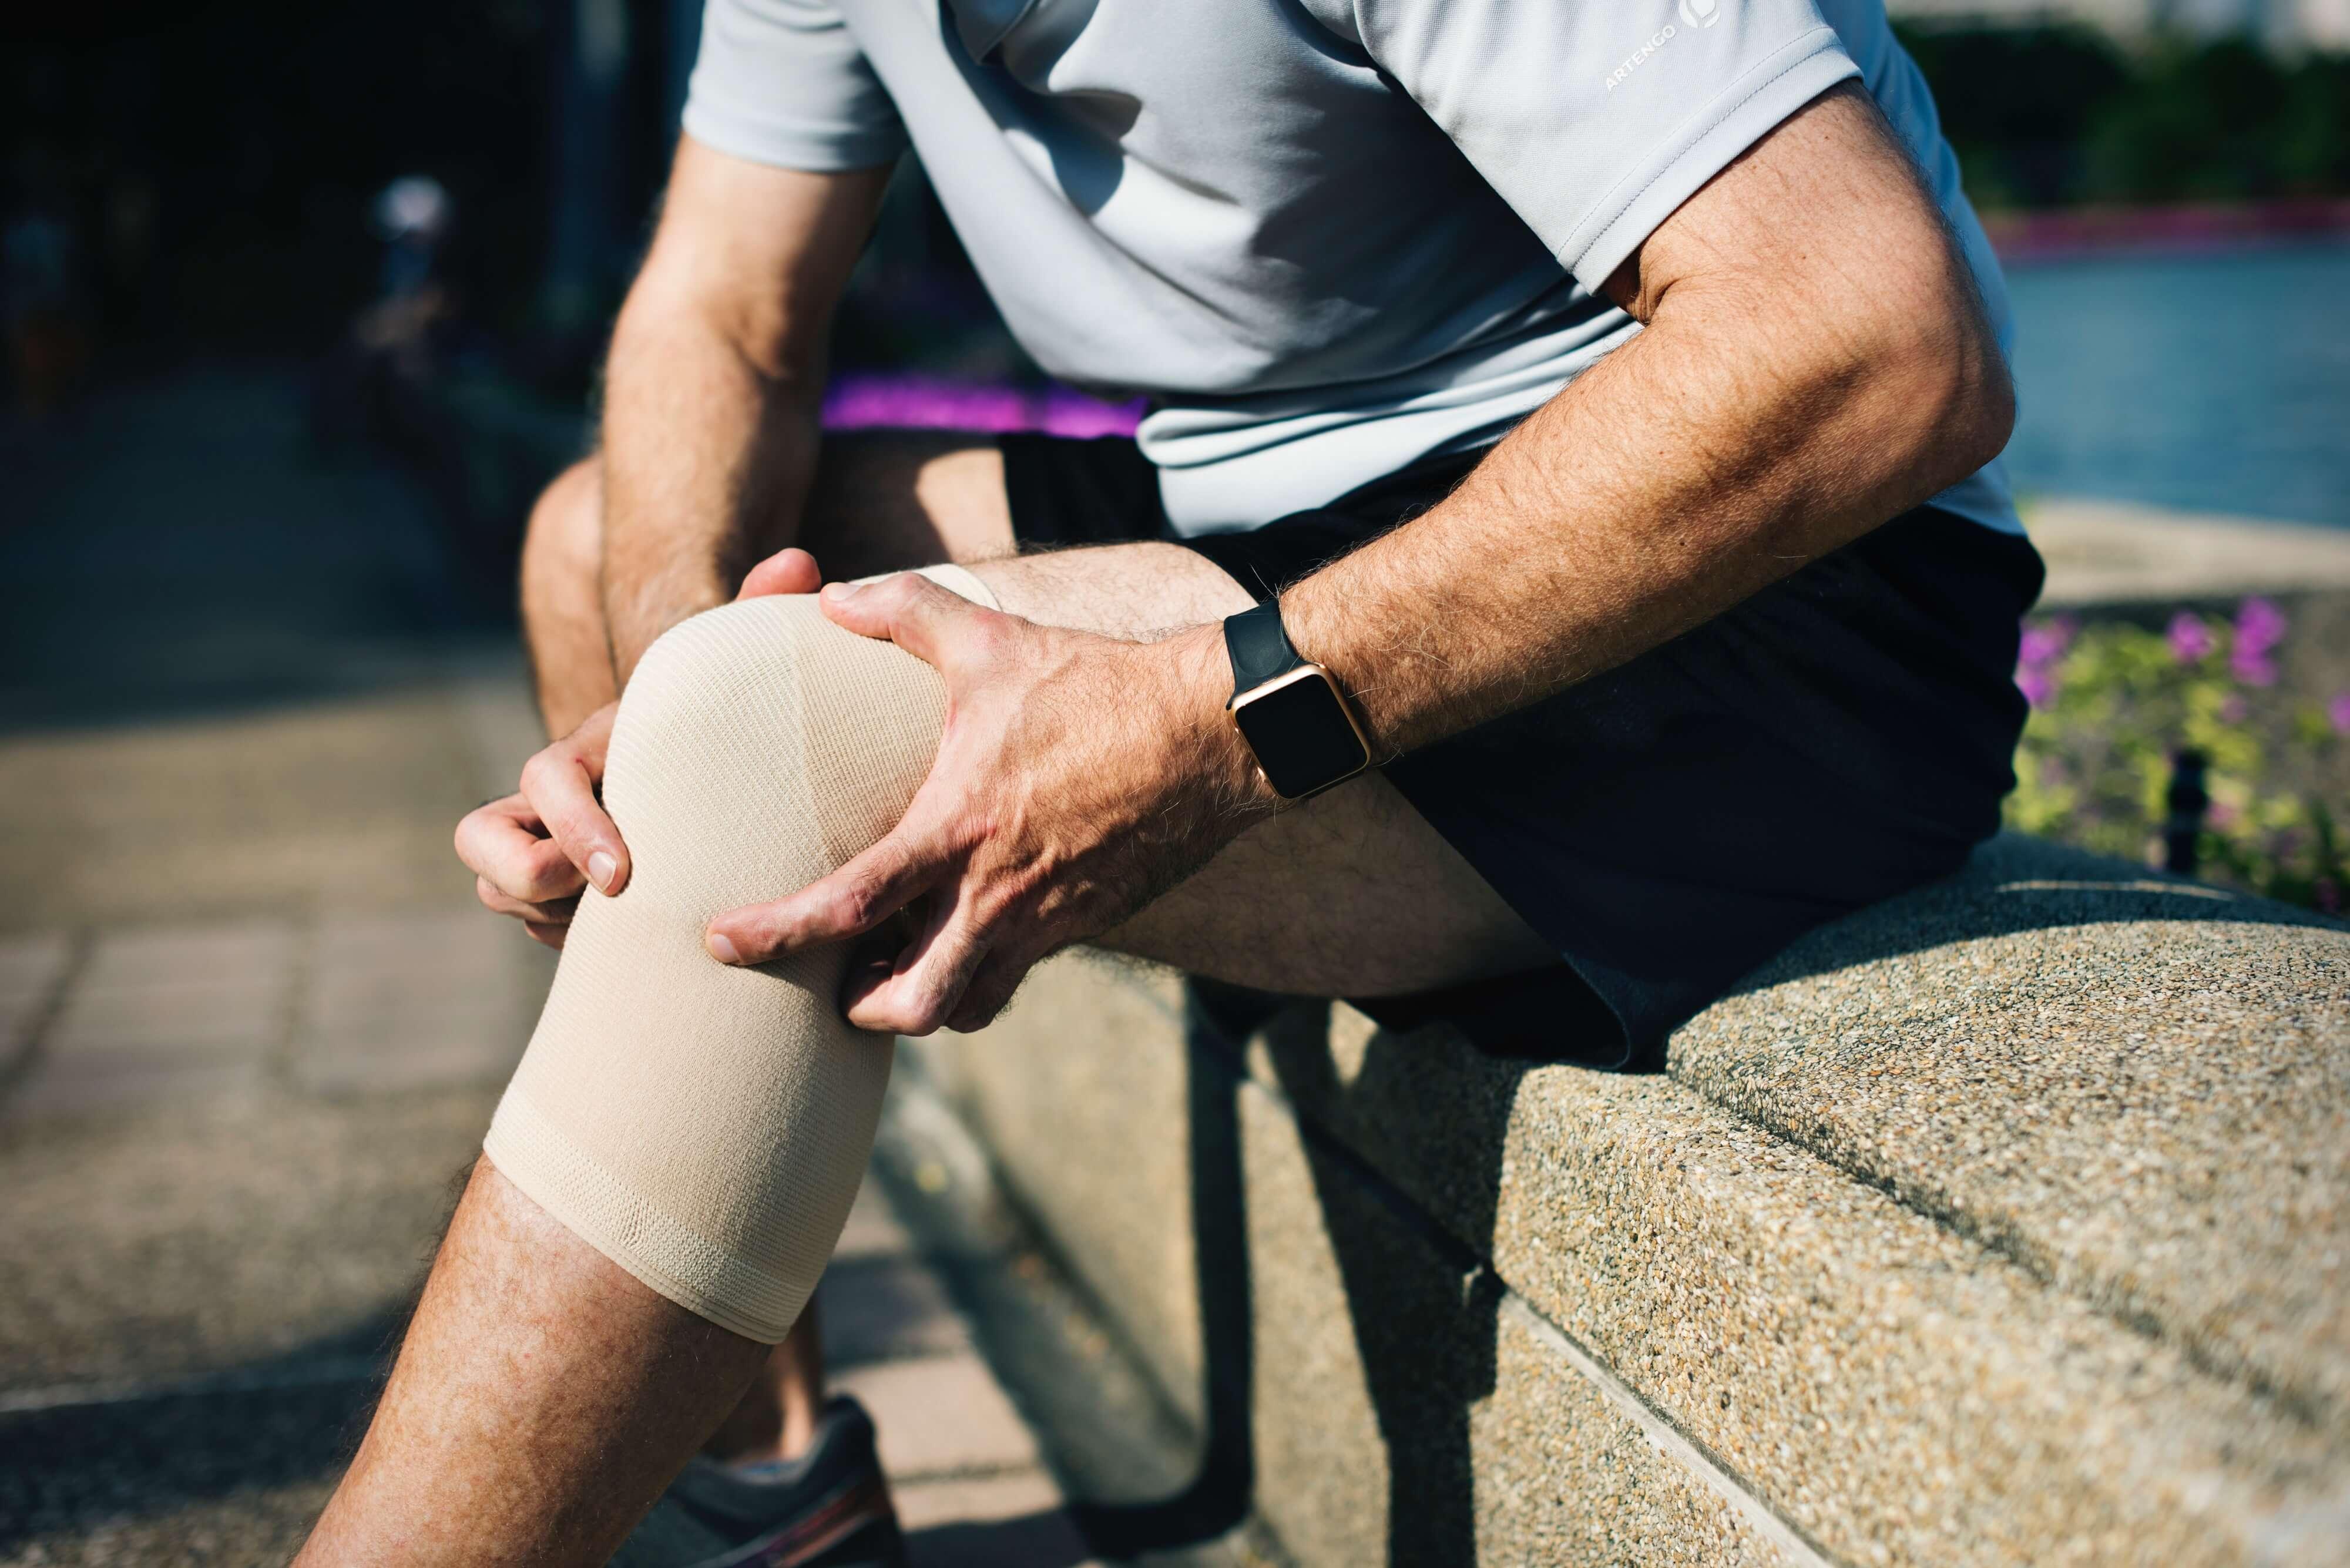 mușchii și articulațiile cum să tratezi)